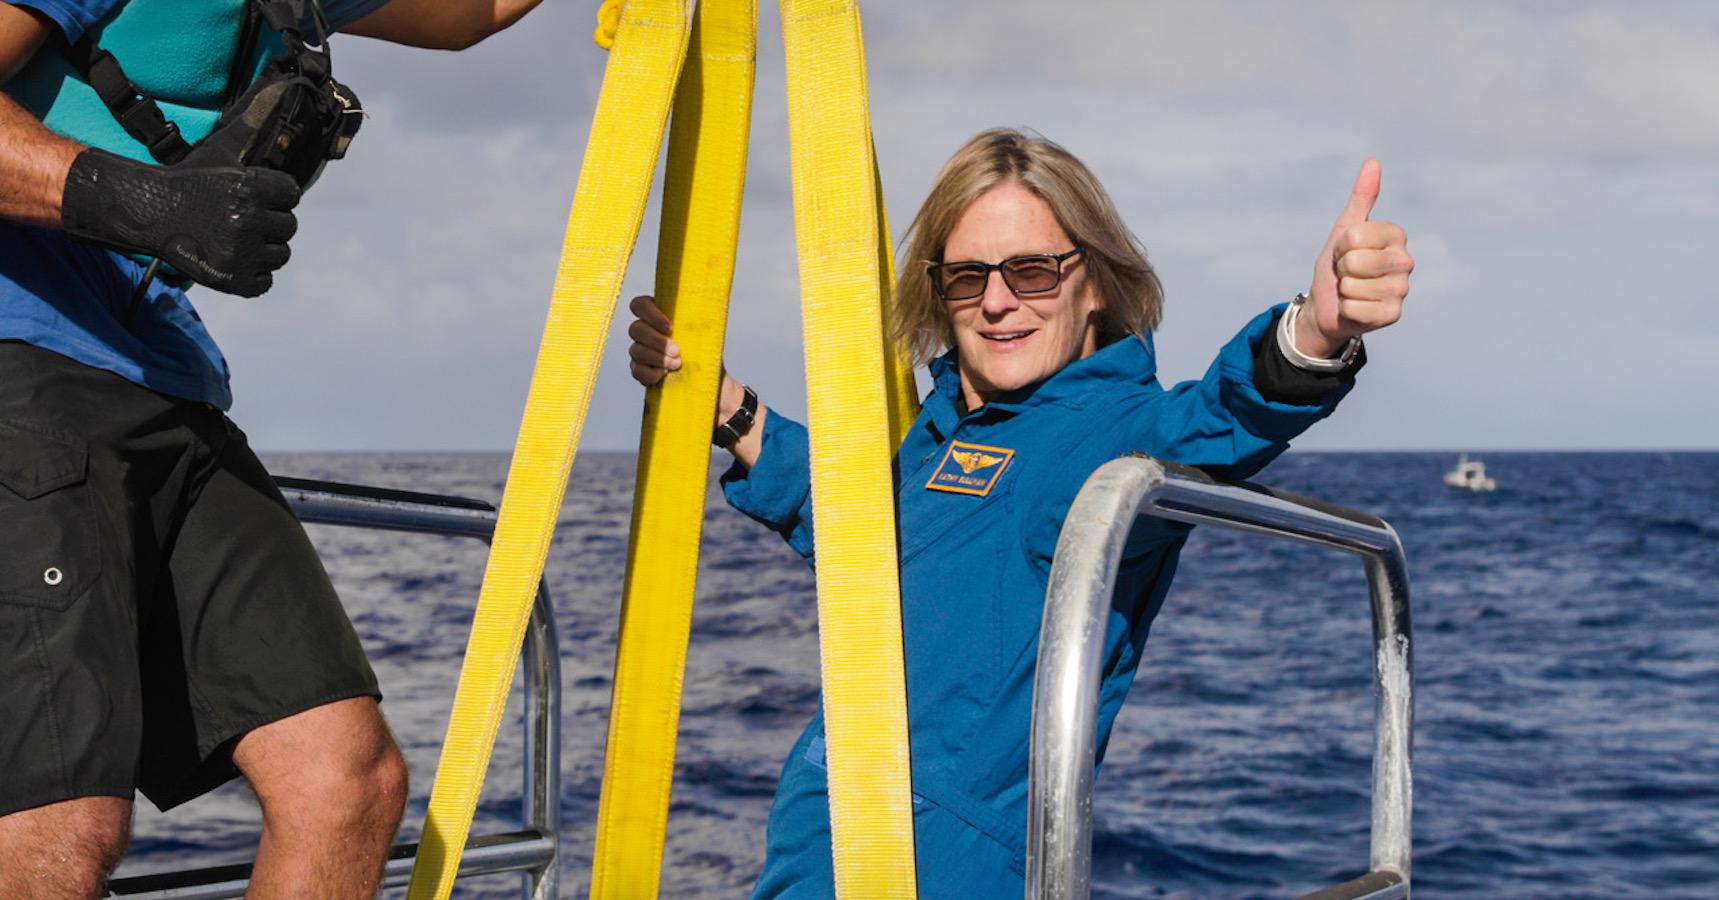 L'ancienne astronaute Kathy Sullivan atteint le point le plus profond de la terre (en plus d'avoir été dans l'Espace)